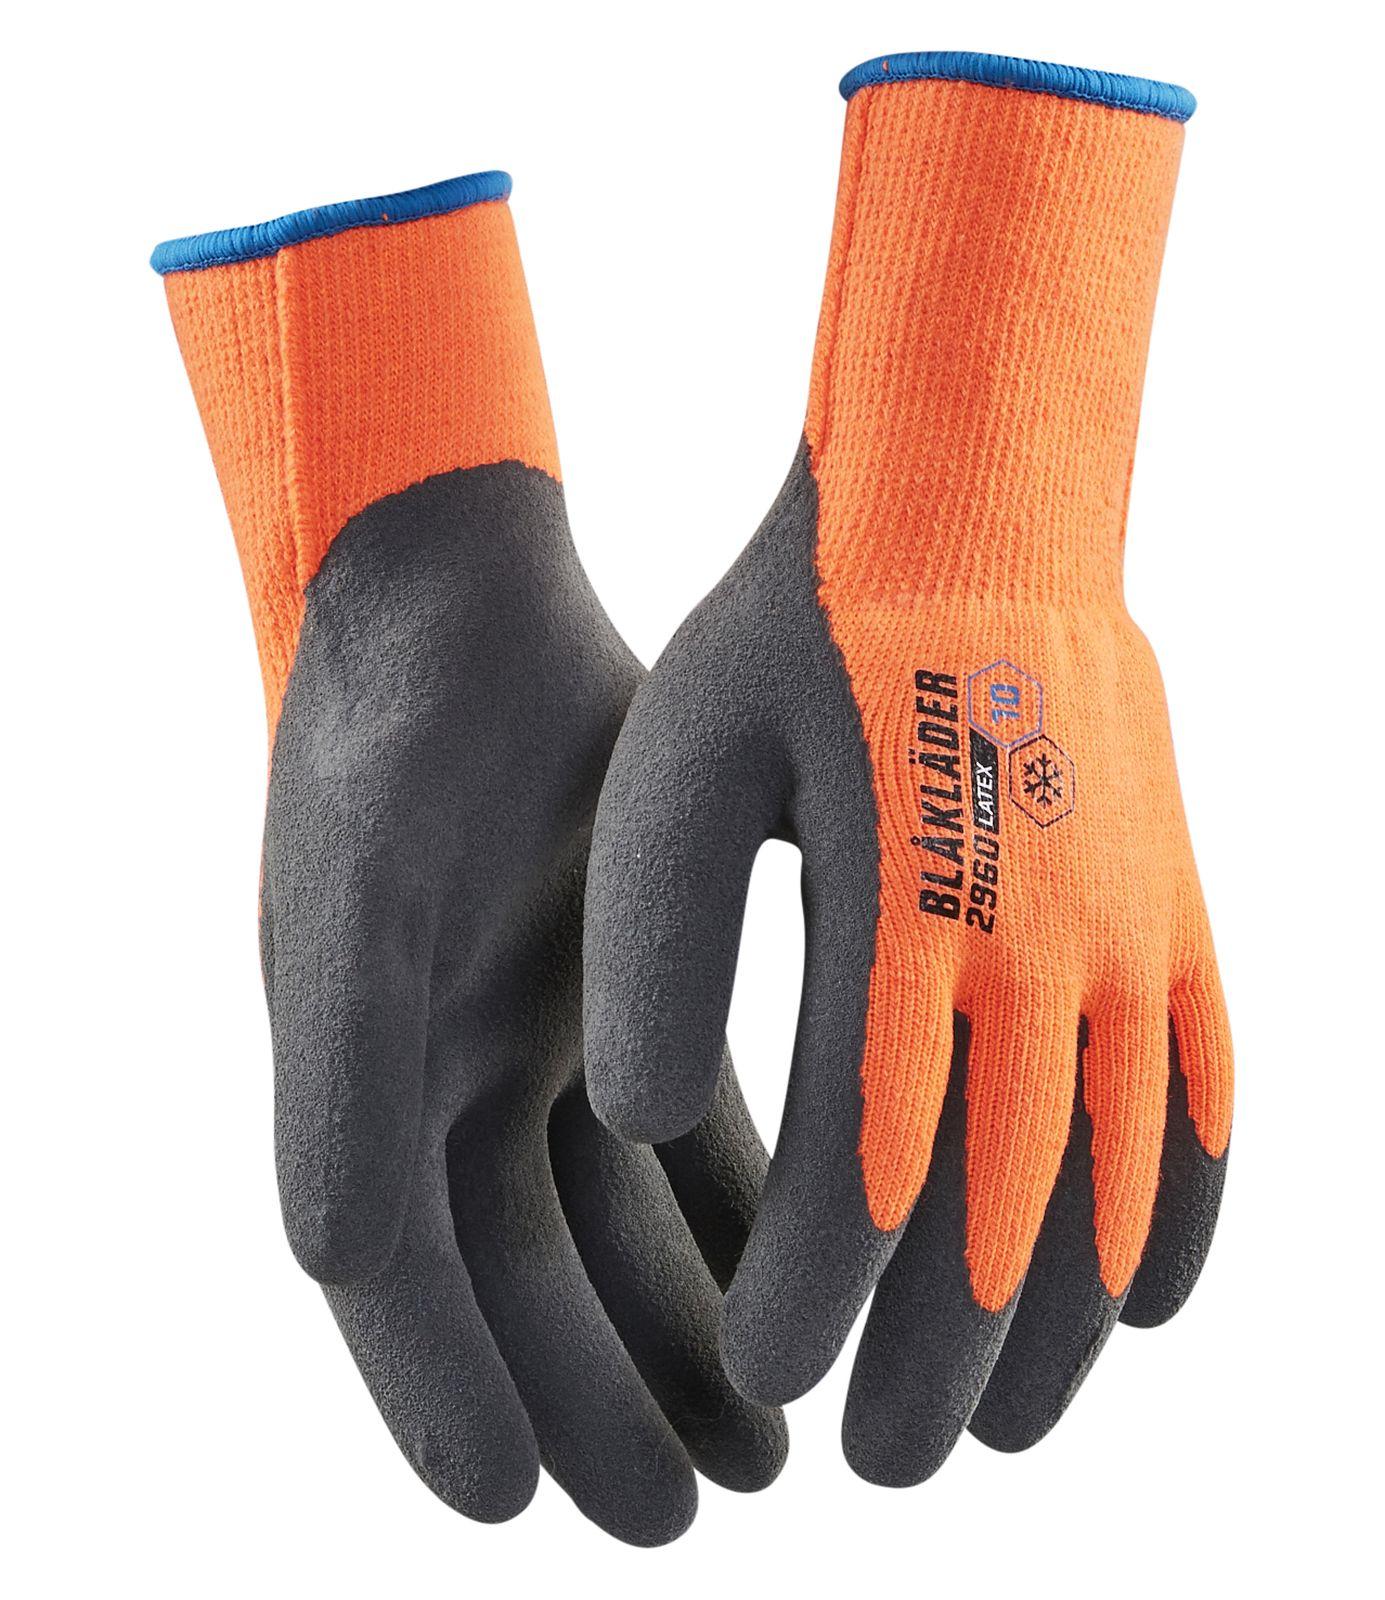 Blaklader Handschoenen 29601450 fluo-oranje(5300)